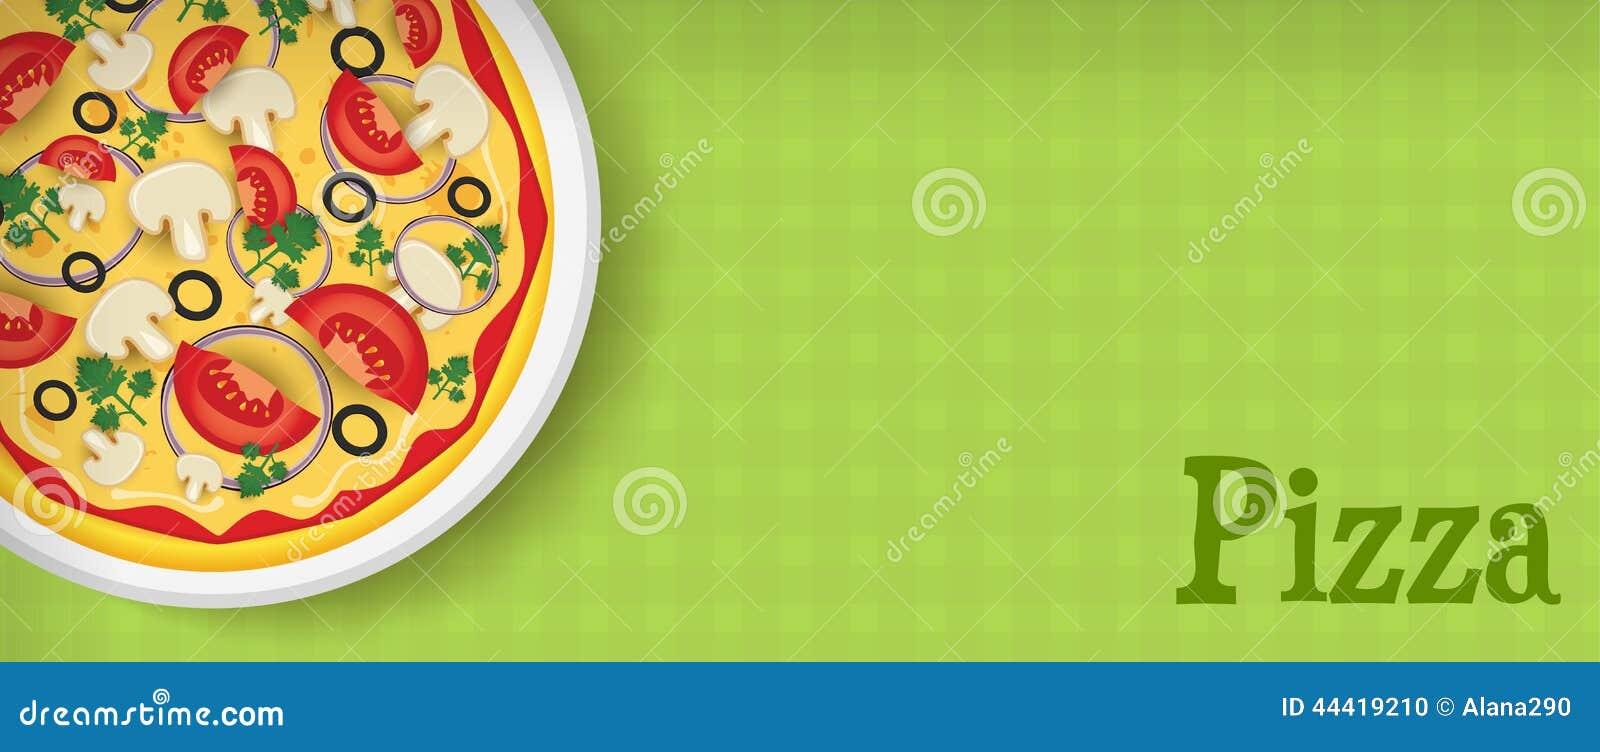 Banner met pizza